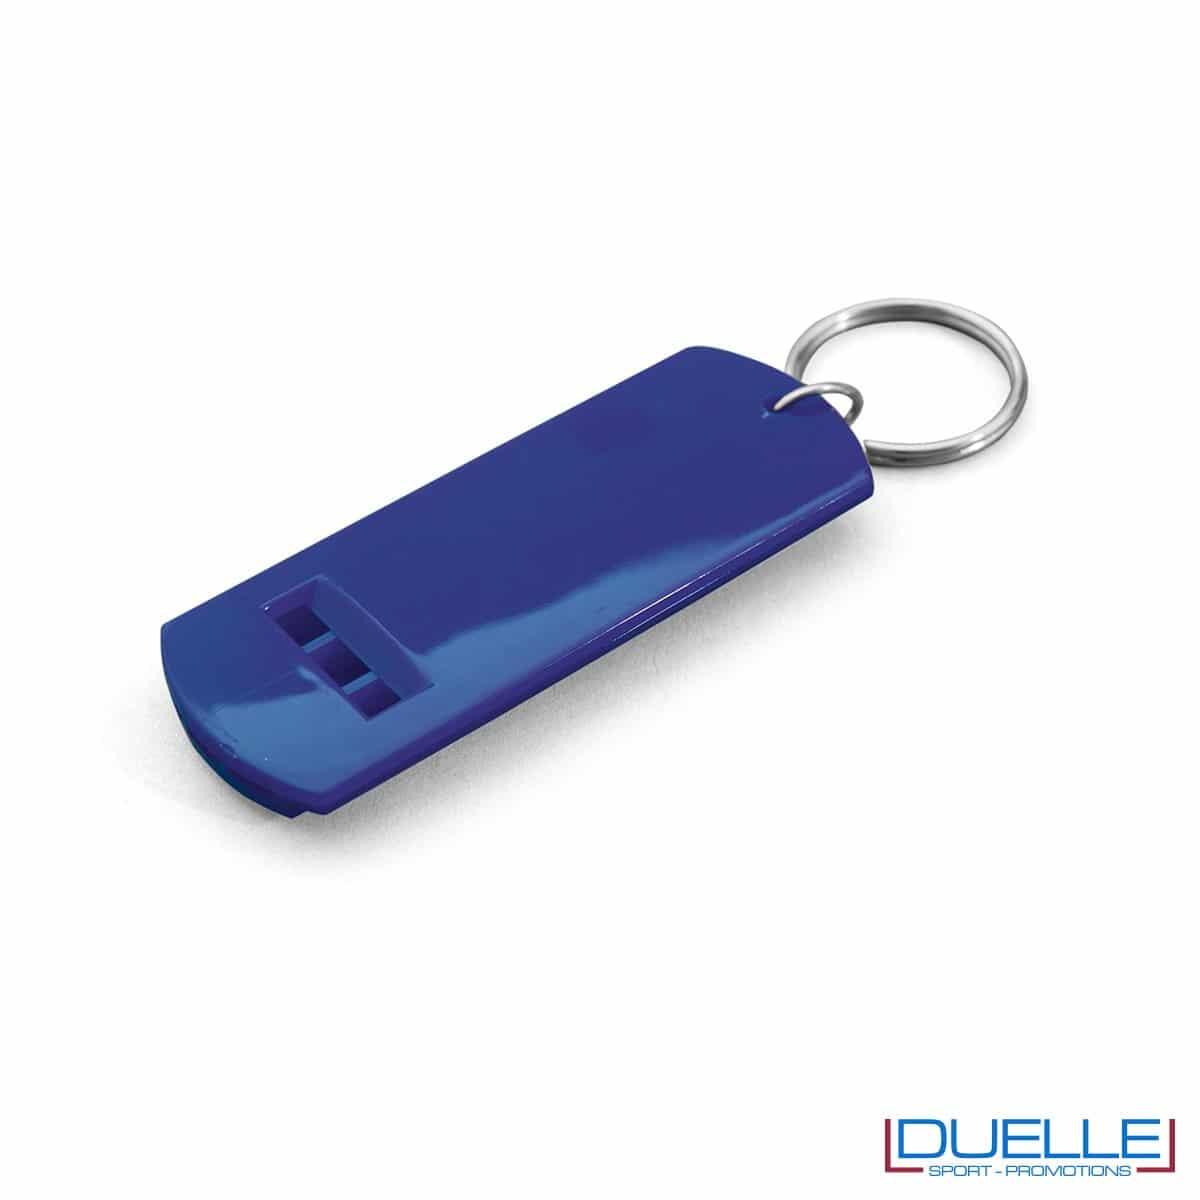 fischietto personalizzato portachiavi colore blu, gadget tifo, gadget portachiavi, gadget personalizzato